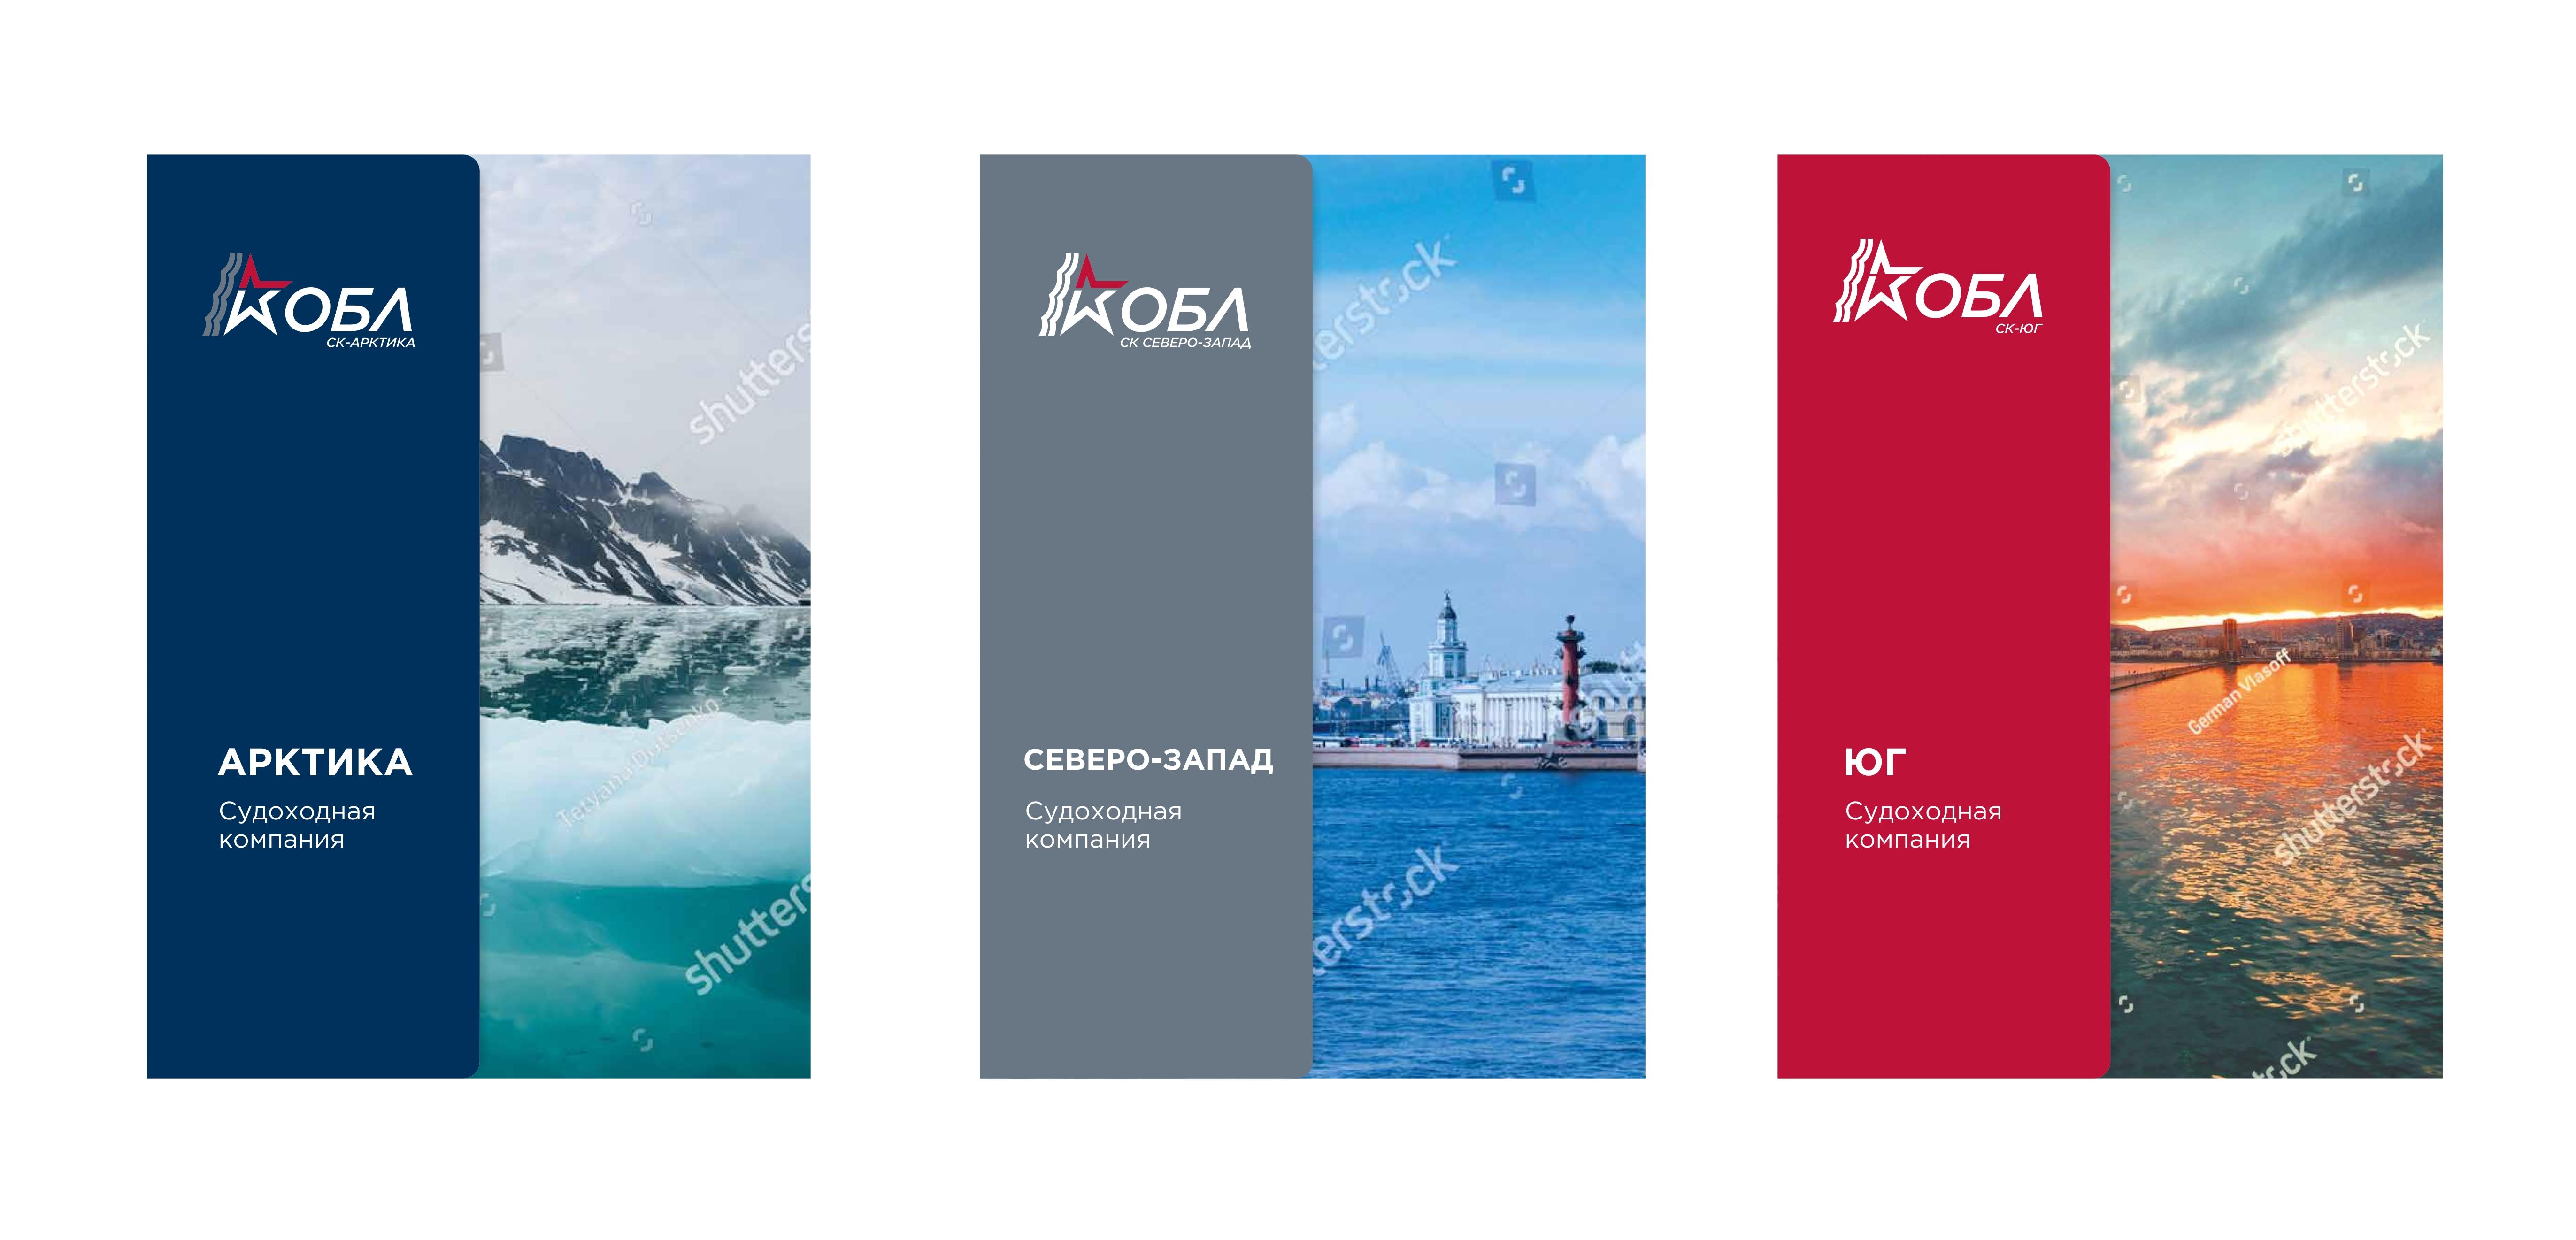 Дизайн и верстка лифлетов 3х дочерних судоходных компаний  фото f_4095b4284695572f.jpg